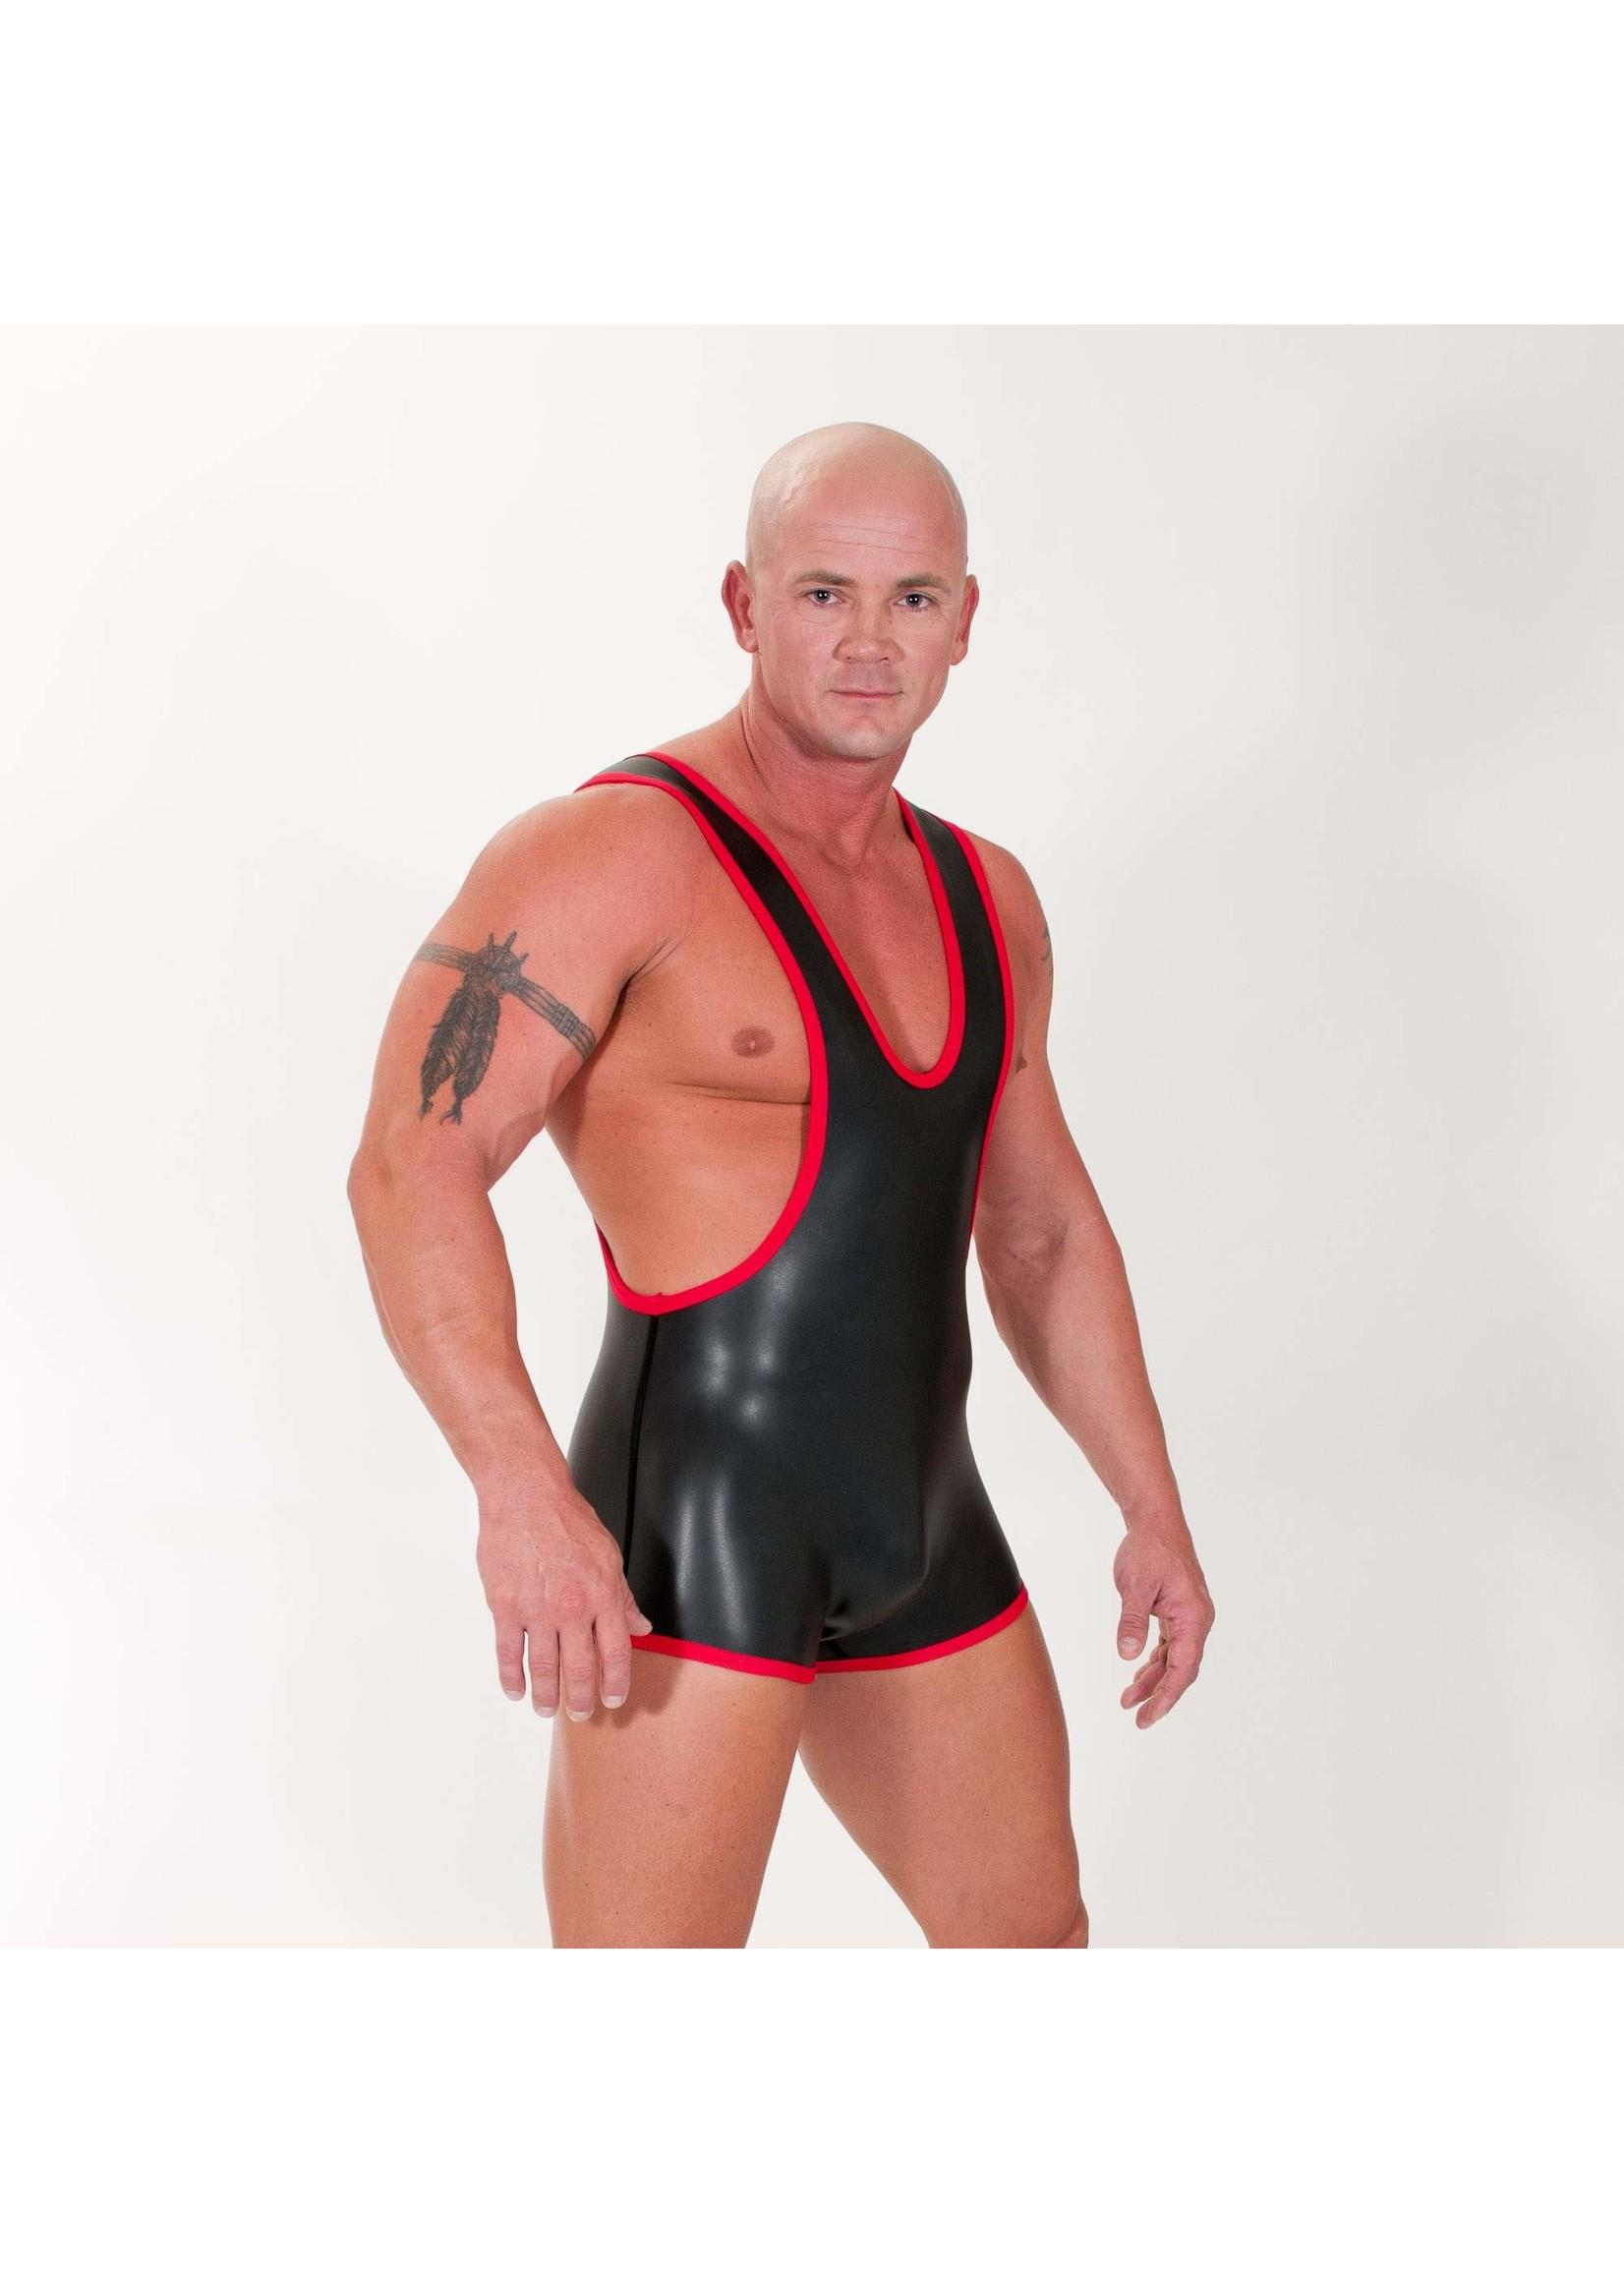 665 Leather 665 Neoprene Wrestling Singlet